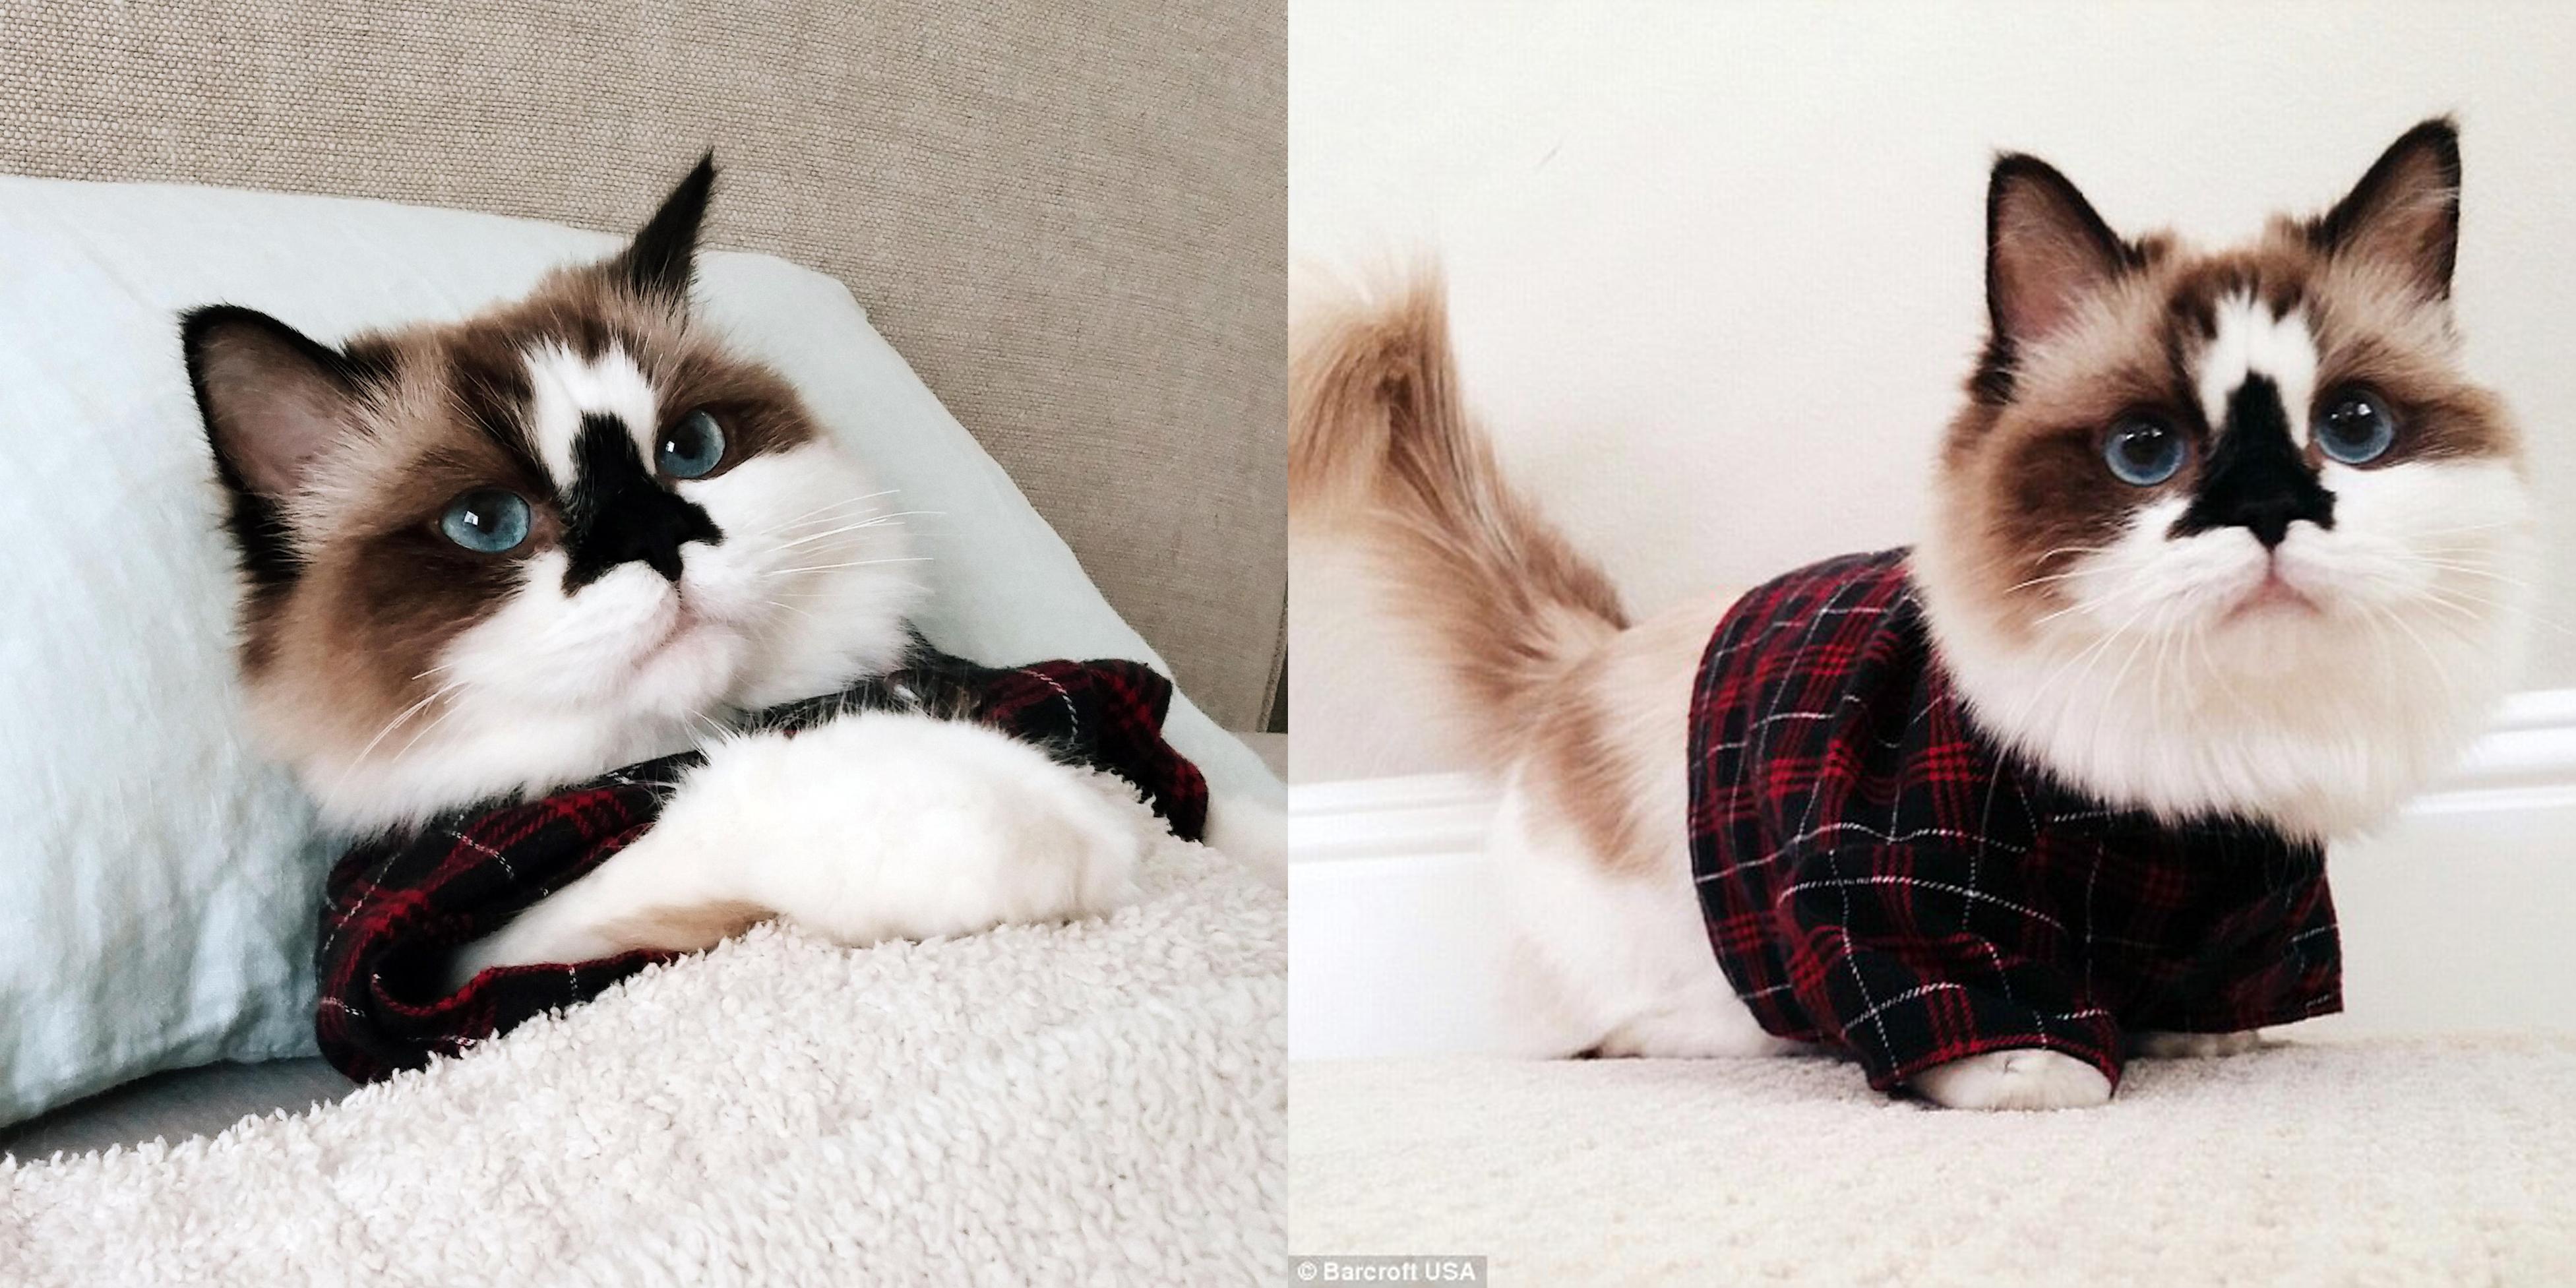 albert gatito munchkin